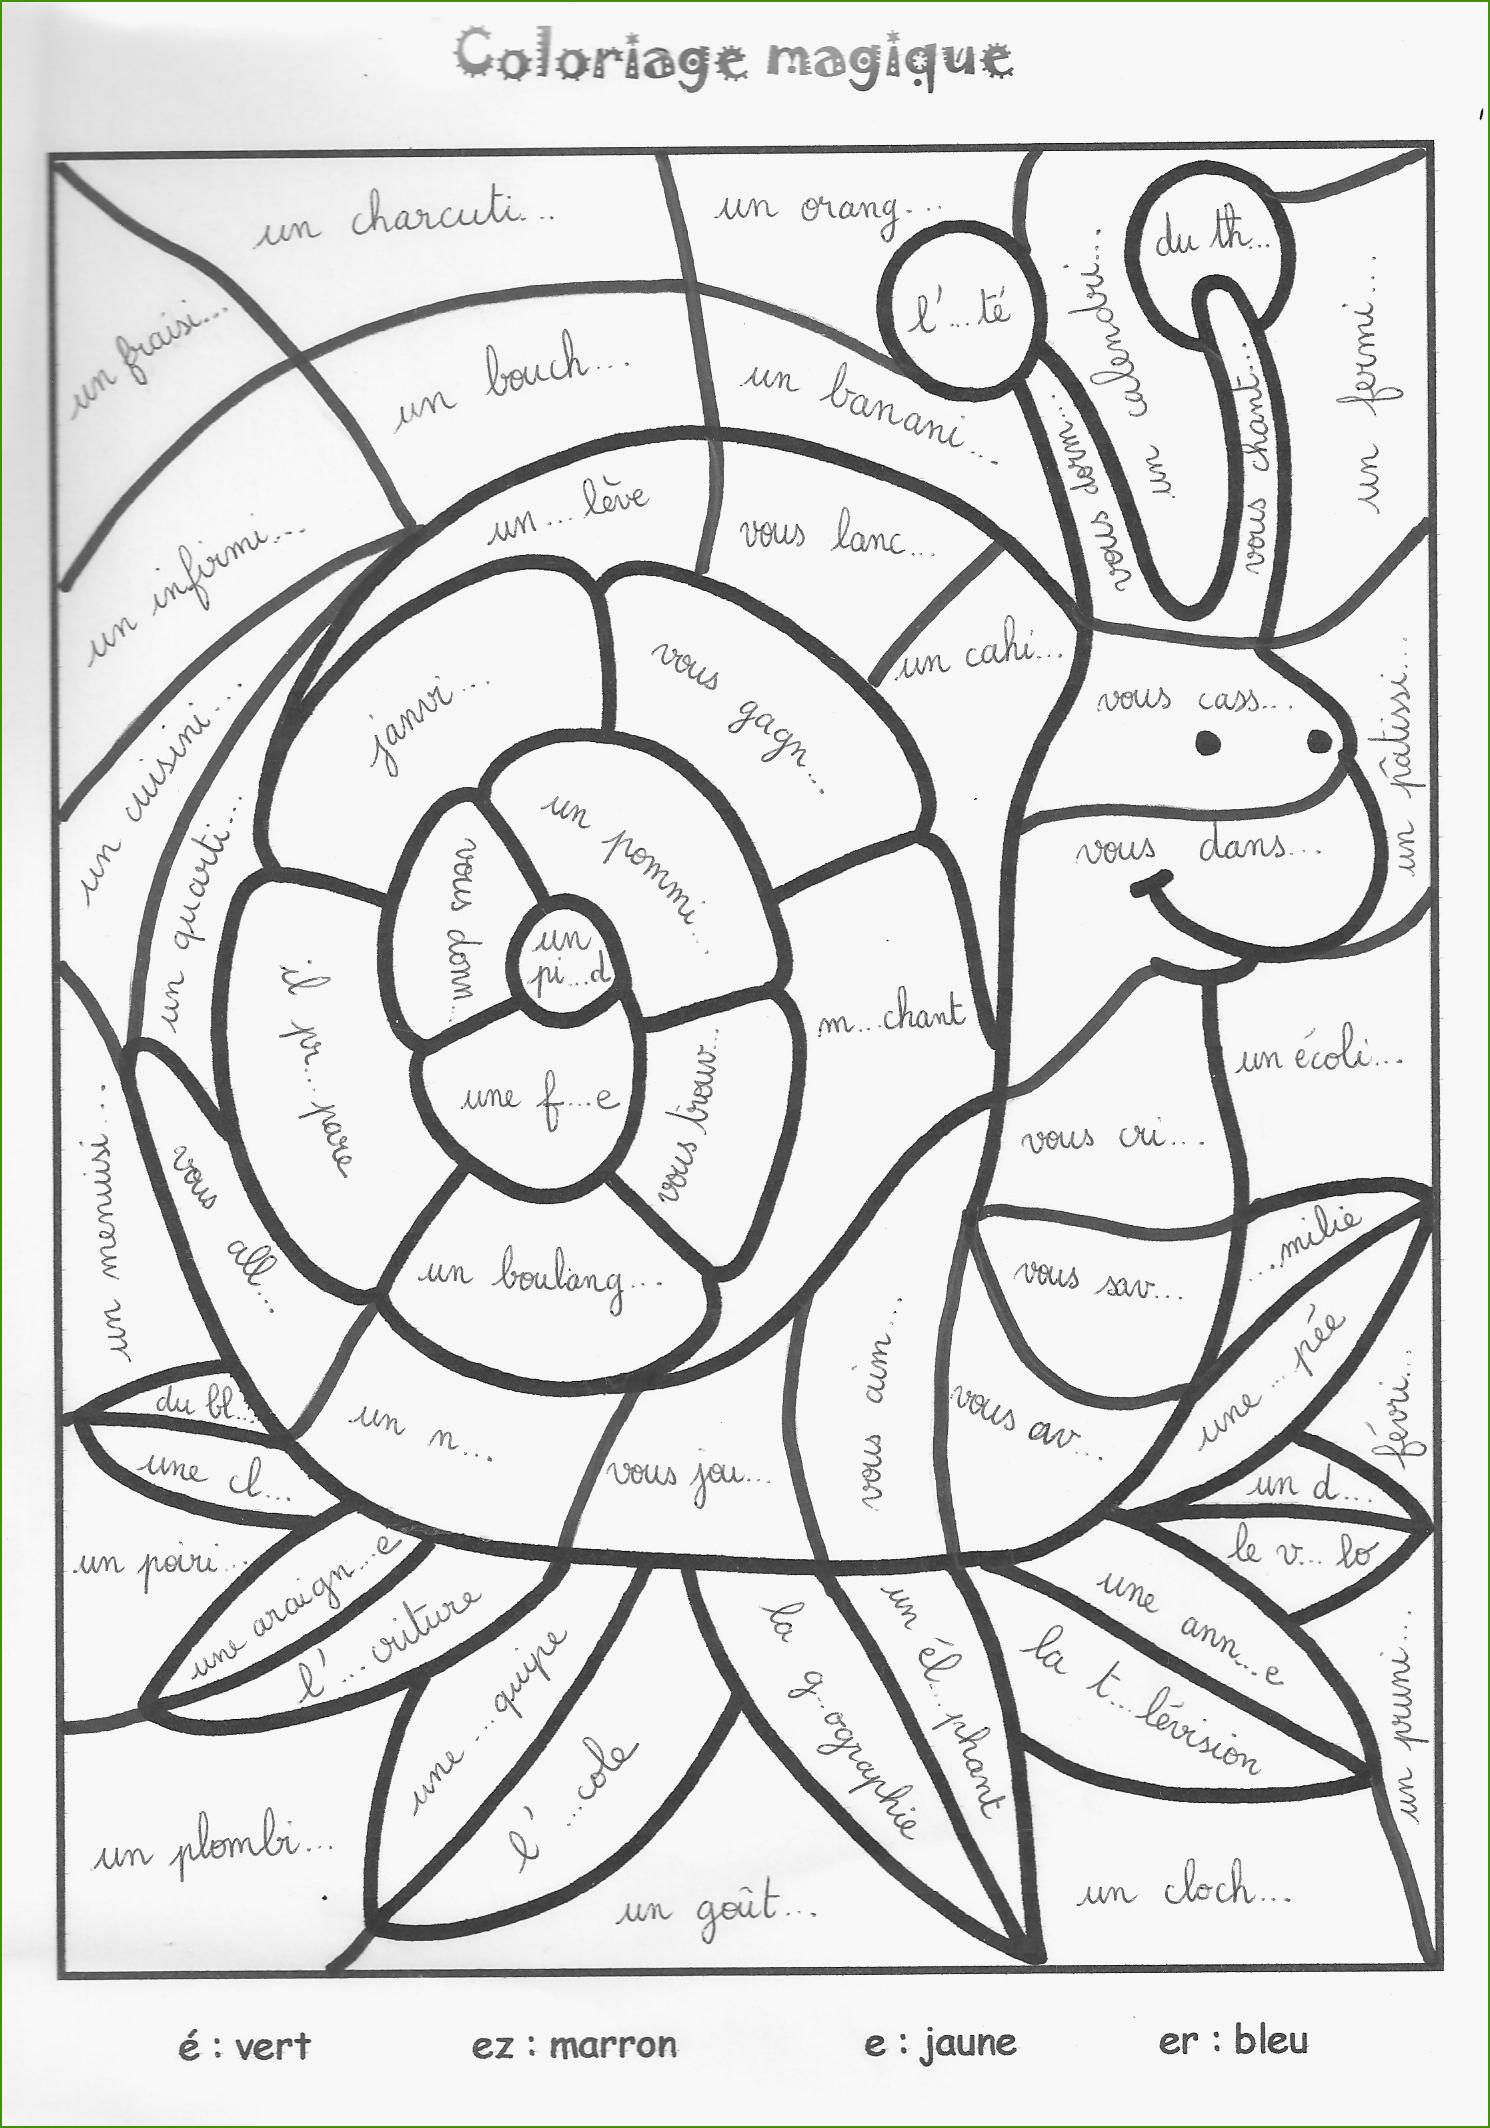 Coloriages À Imprimer : Lettre R, Numéro : E4A8397C dedans Coloriage Numero A Imprimer